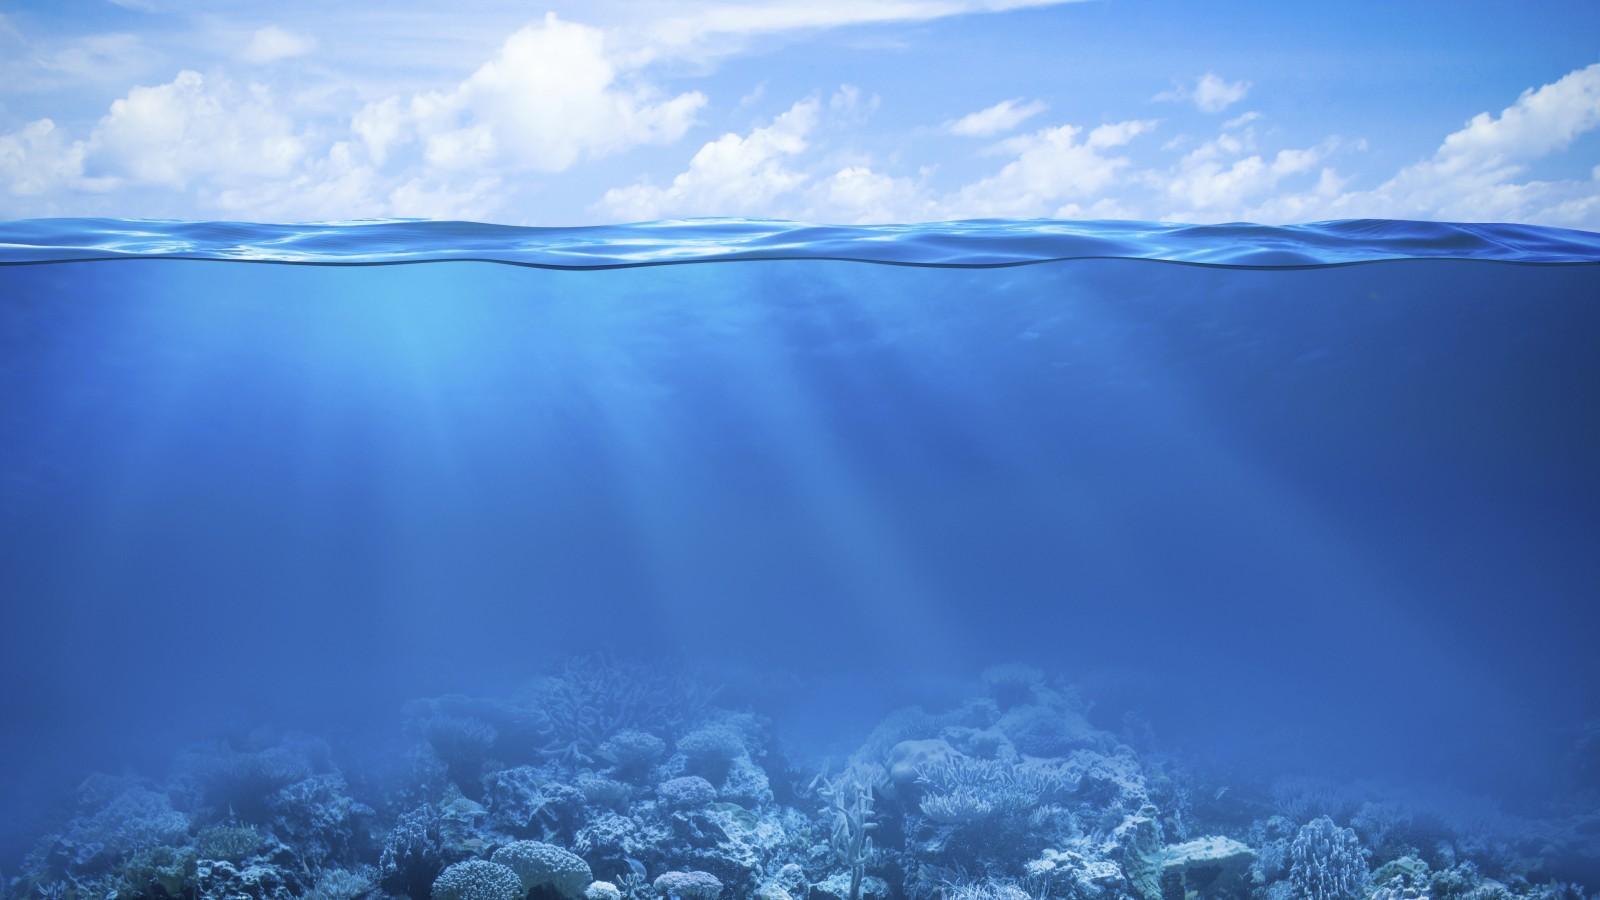 27 272633 underwater sea water hd